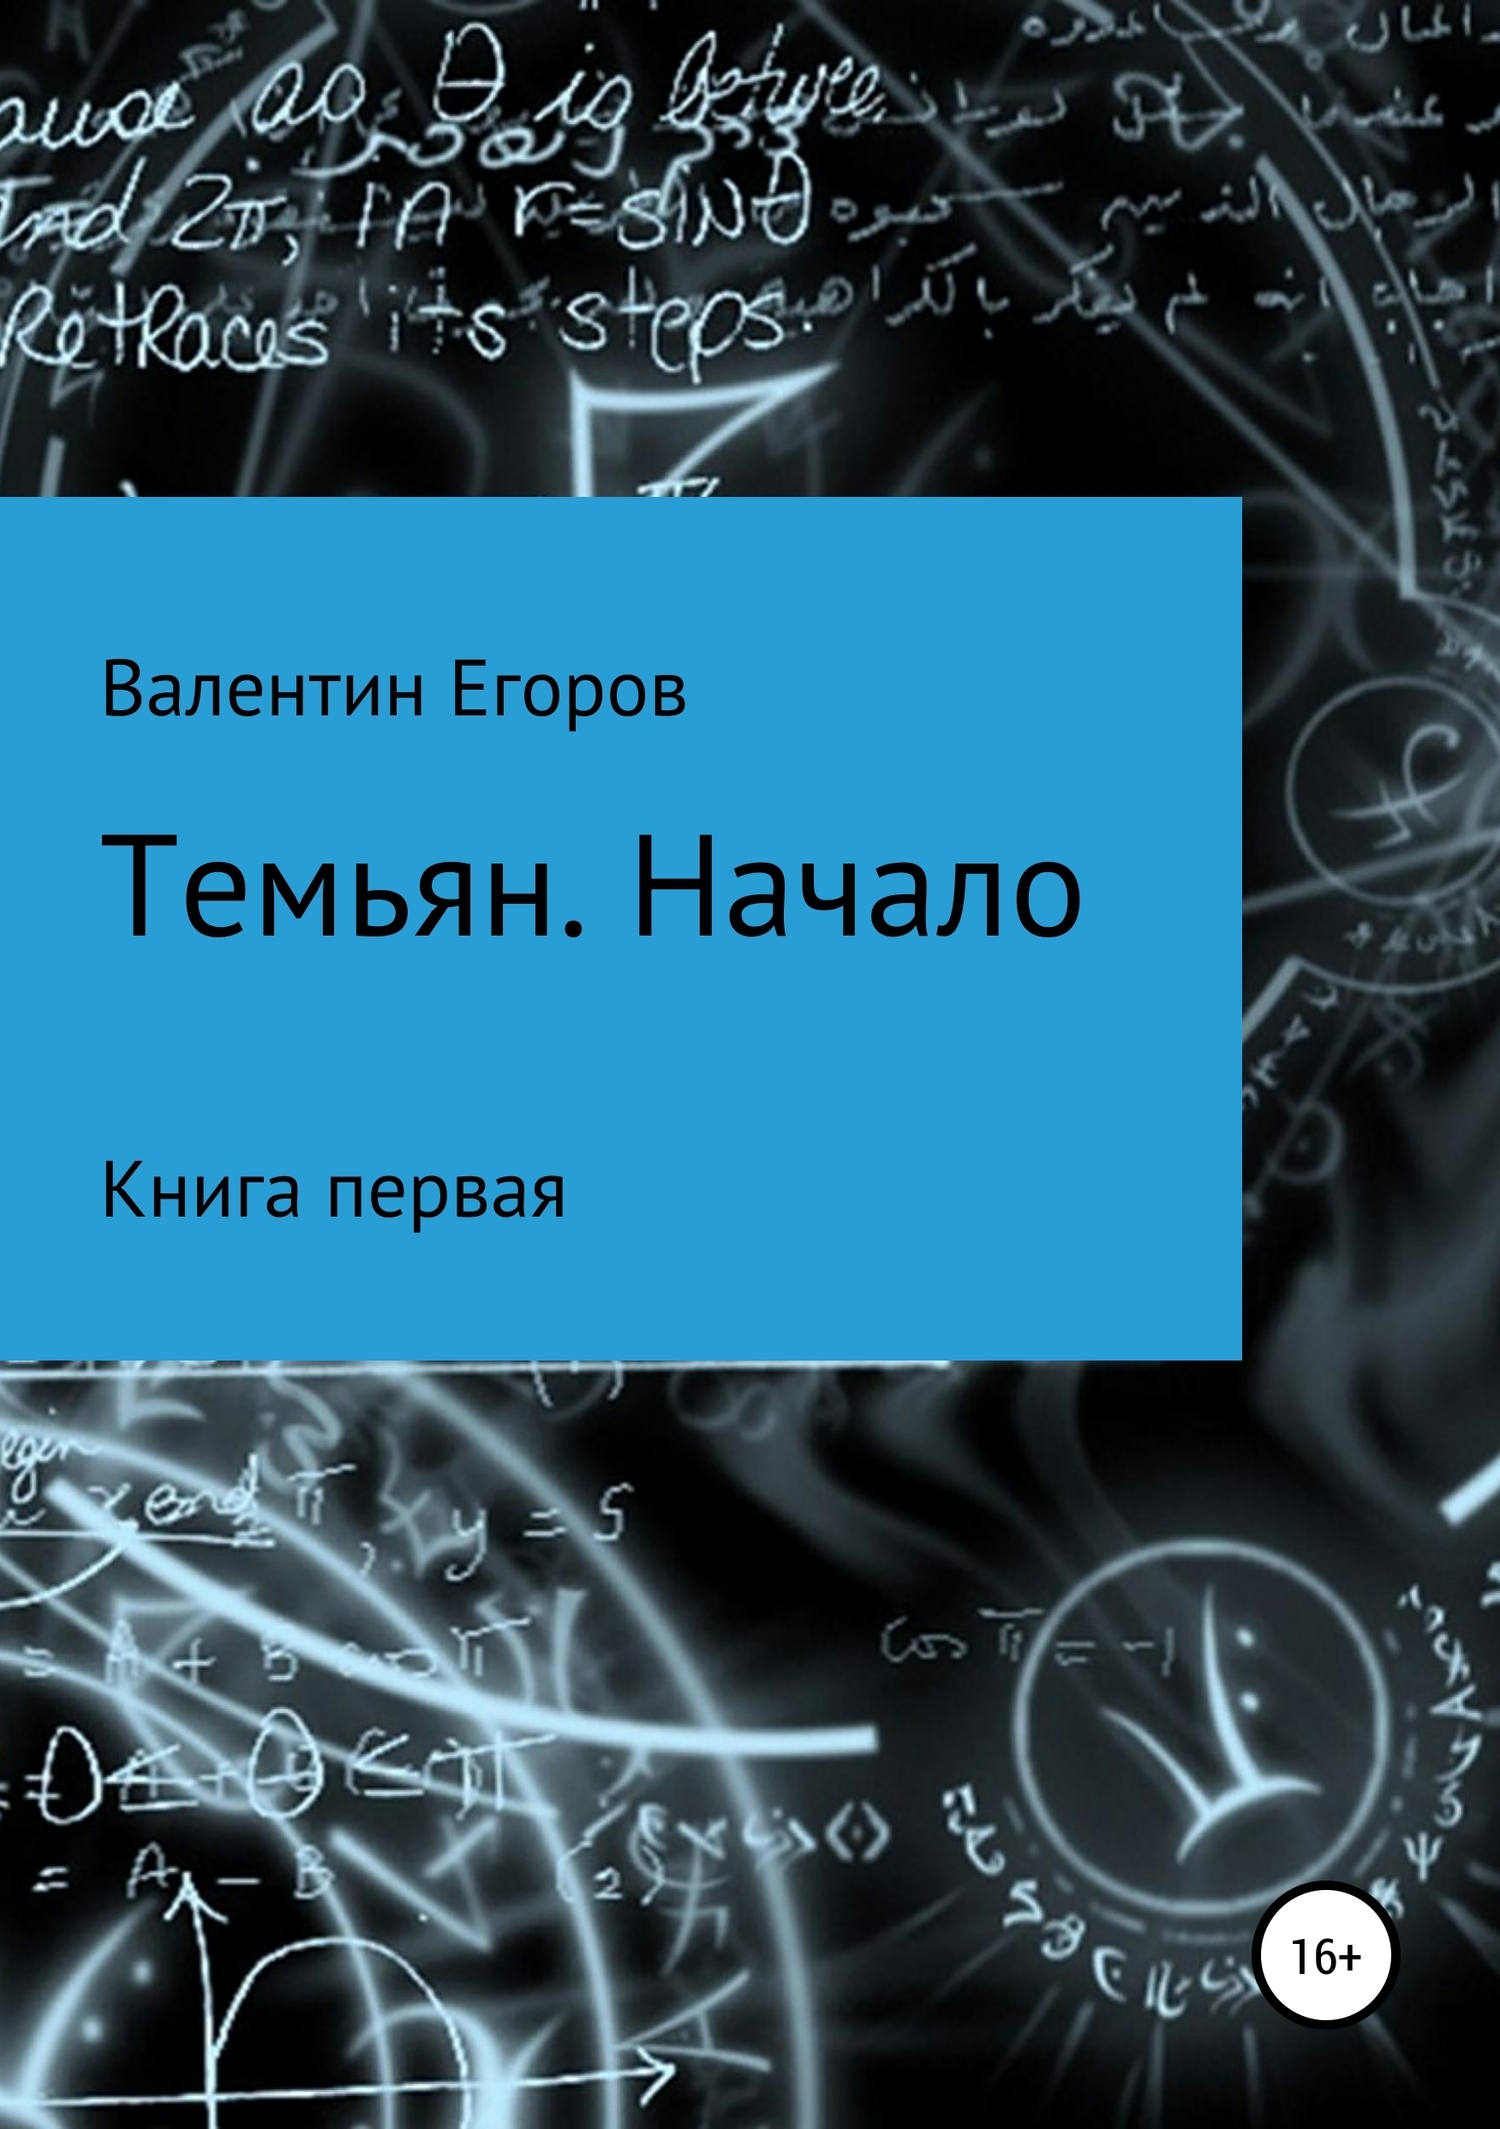 Темьян. Начало